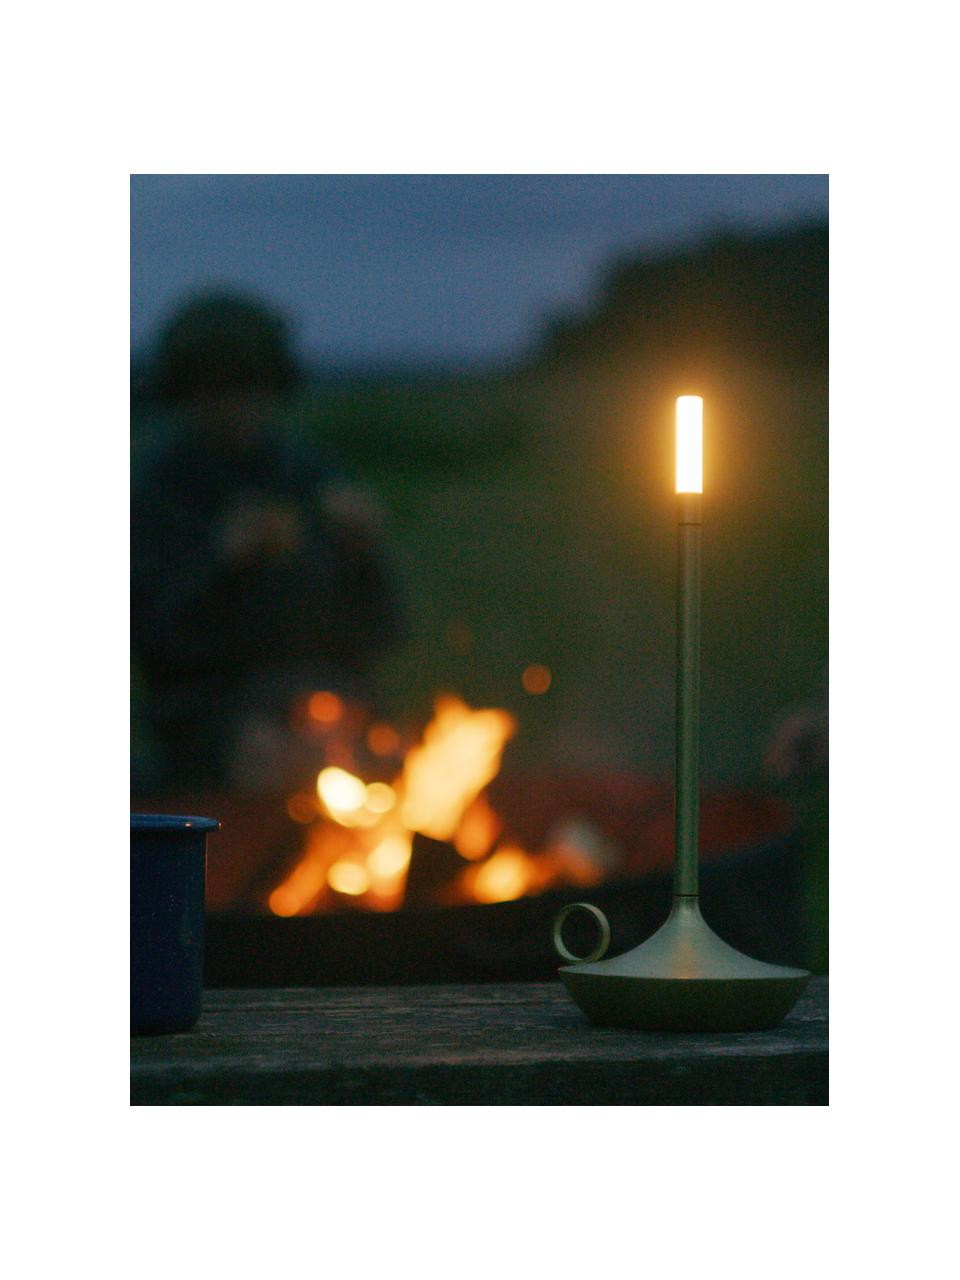 Lampada da tavolo a LED da esterno dimmerabile con funzione touch USB Wick, Base della lampada: alluminio riciclato e riv, Paralume: materiale sintetico, Ottonato, Ø 12 x Alt. 26 cm